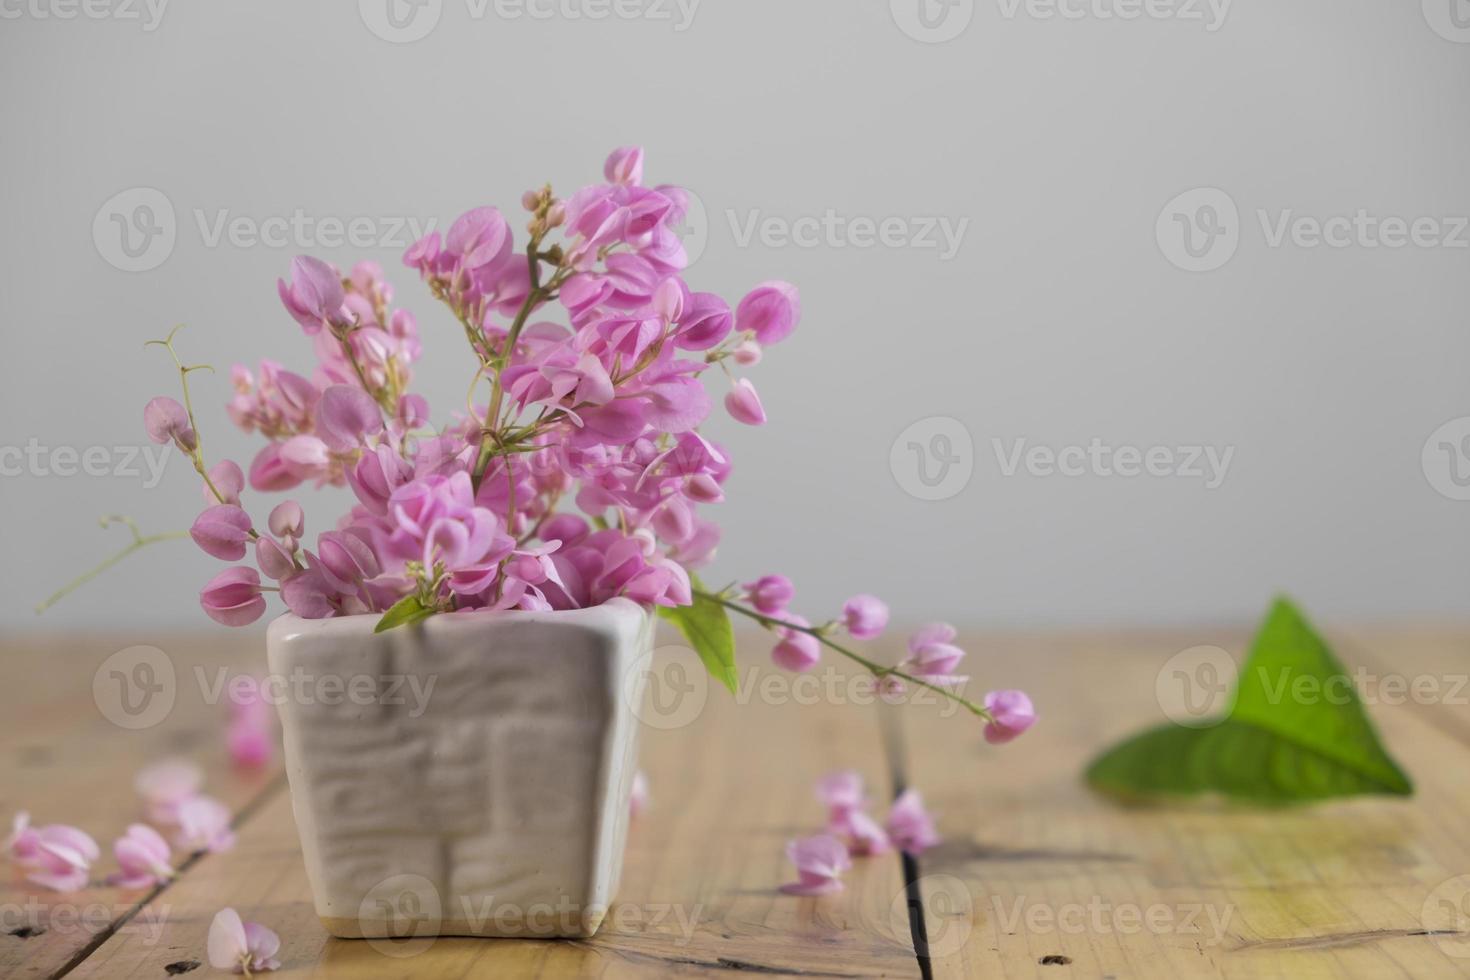 Nature morte avec fleurs roses sur table en bois photo